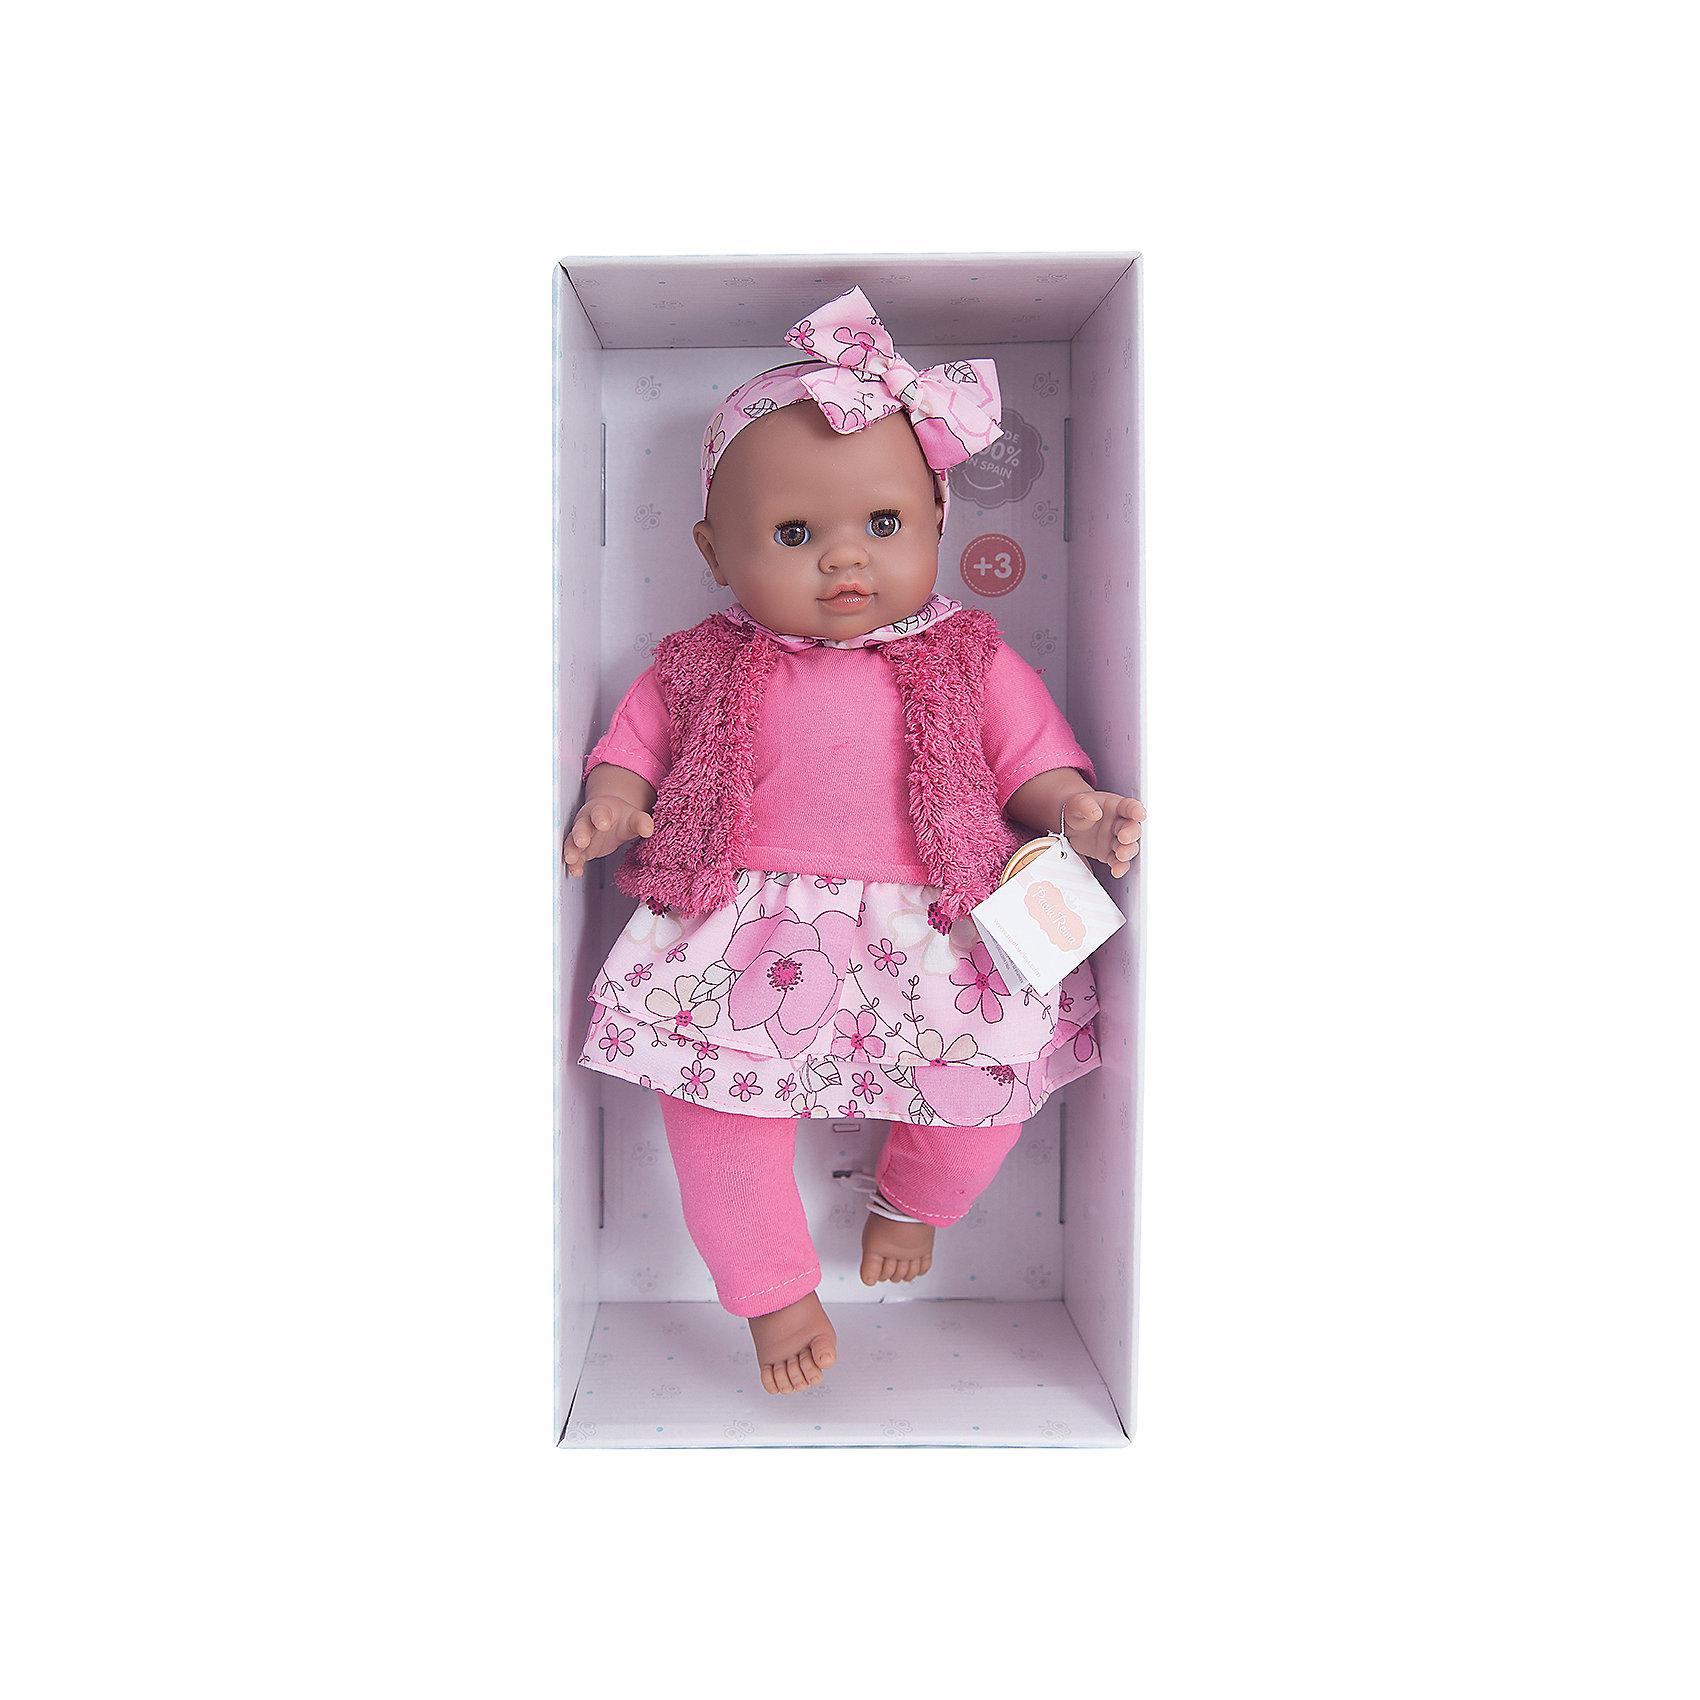 Кукла Альберта, 36 см, Paola ReinaБренды кукол<br>Кукла изготовлена из винила; глаза выполнены в виде кристалла из прозрачного твердого пластика; волосы сделаны из высококачественного нейлона.<br><br>Ширина мм: 120<br>Глубина мм: 250<br>Высота мм: 420<br>Вес г: 1000<br>Возраст от месяцев: 36<br>Возраст до месяцев: 144<br>Пол: Женский<br>Возраст: Детский<br>SKU: 4966362